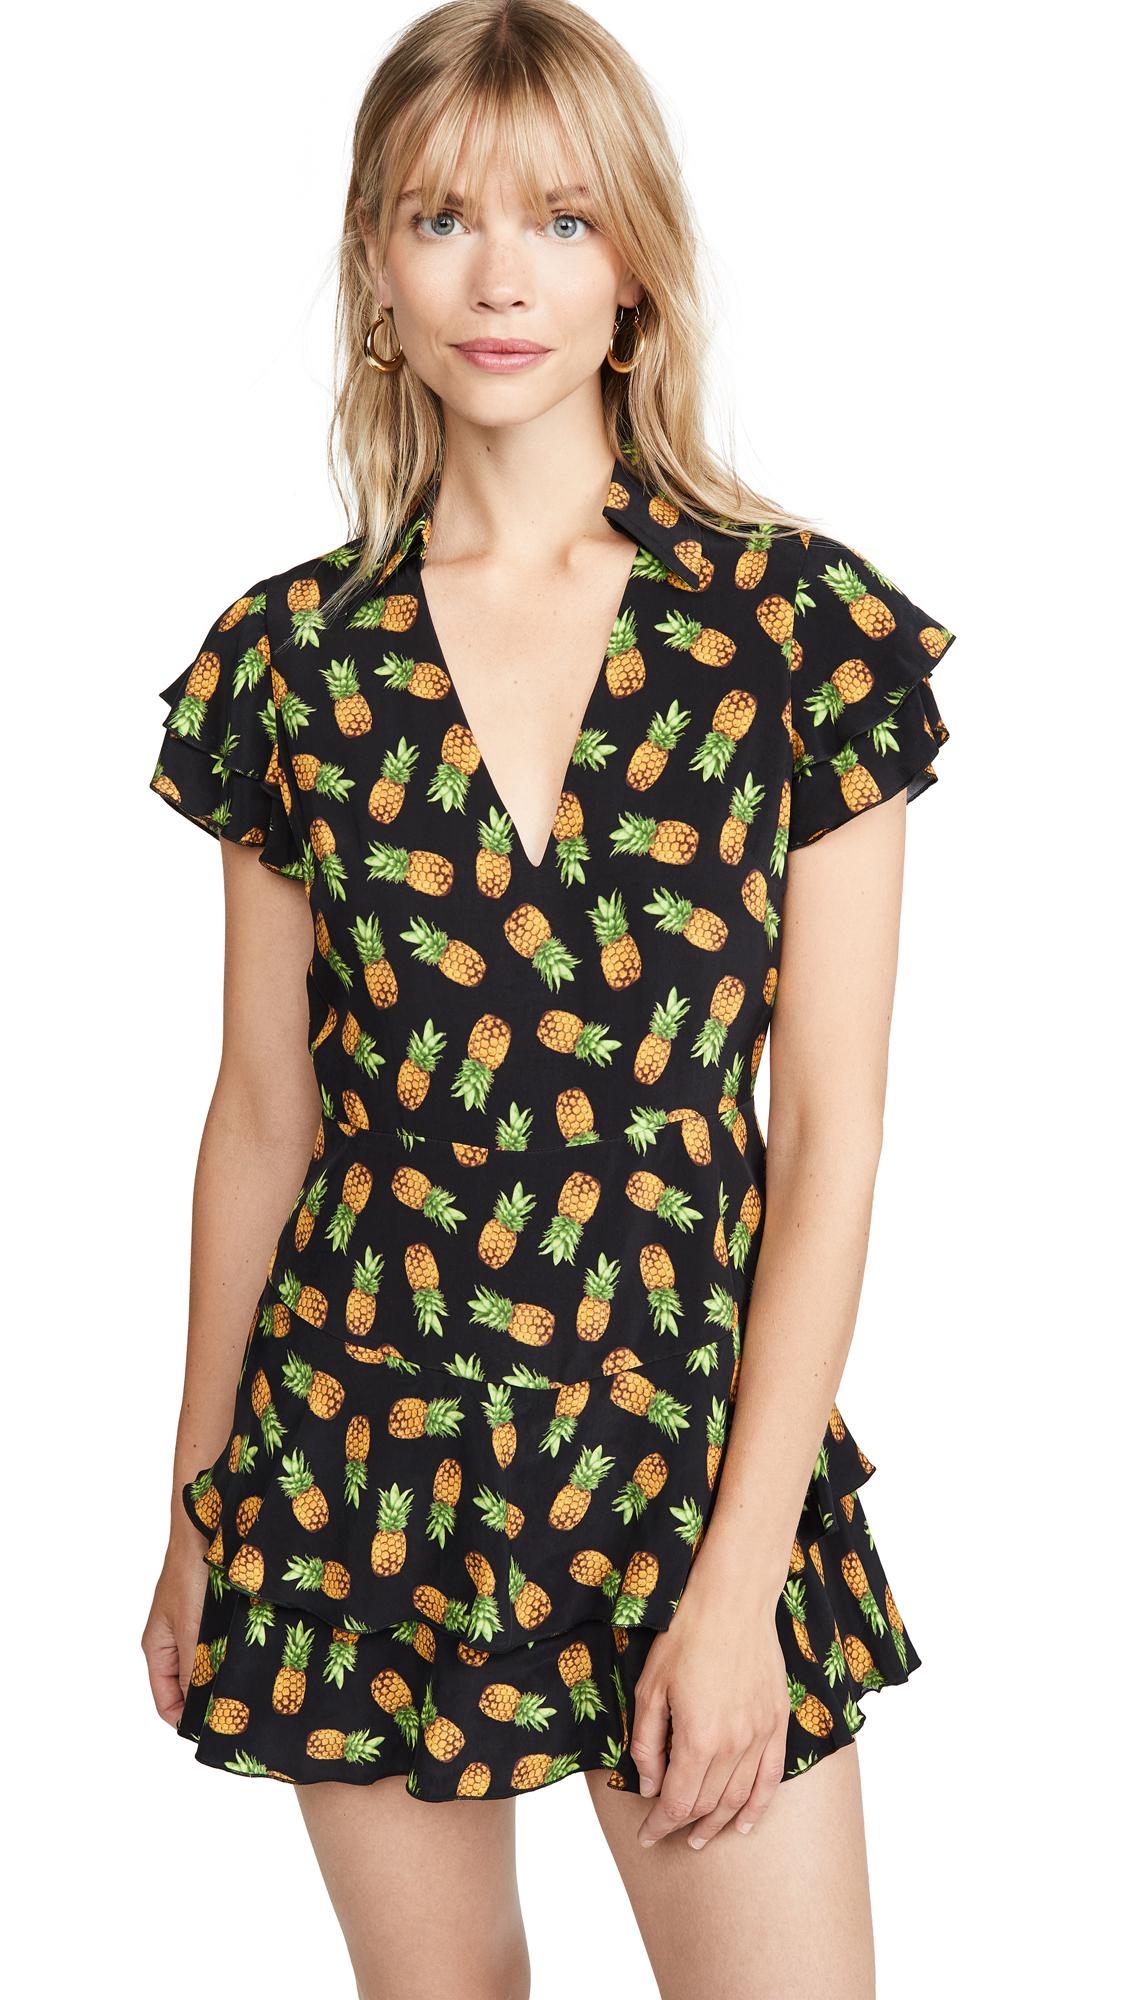 alice + olivia Shay Ruffle Skort Romper - Pineapple Black